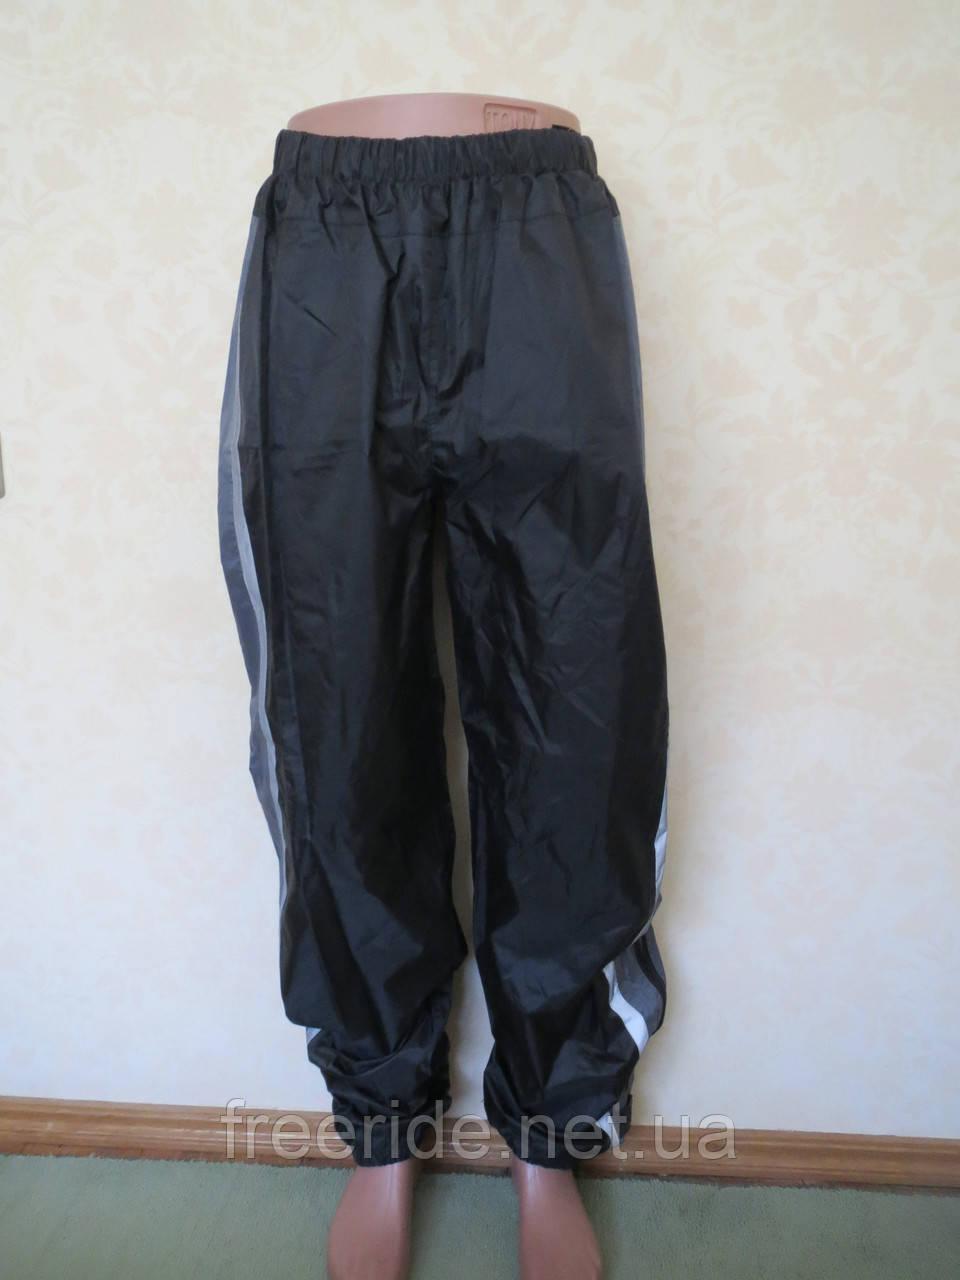 Непромокаемые штормовые штаны Polo (L) на рост от 190